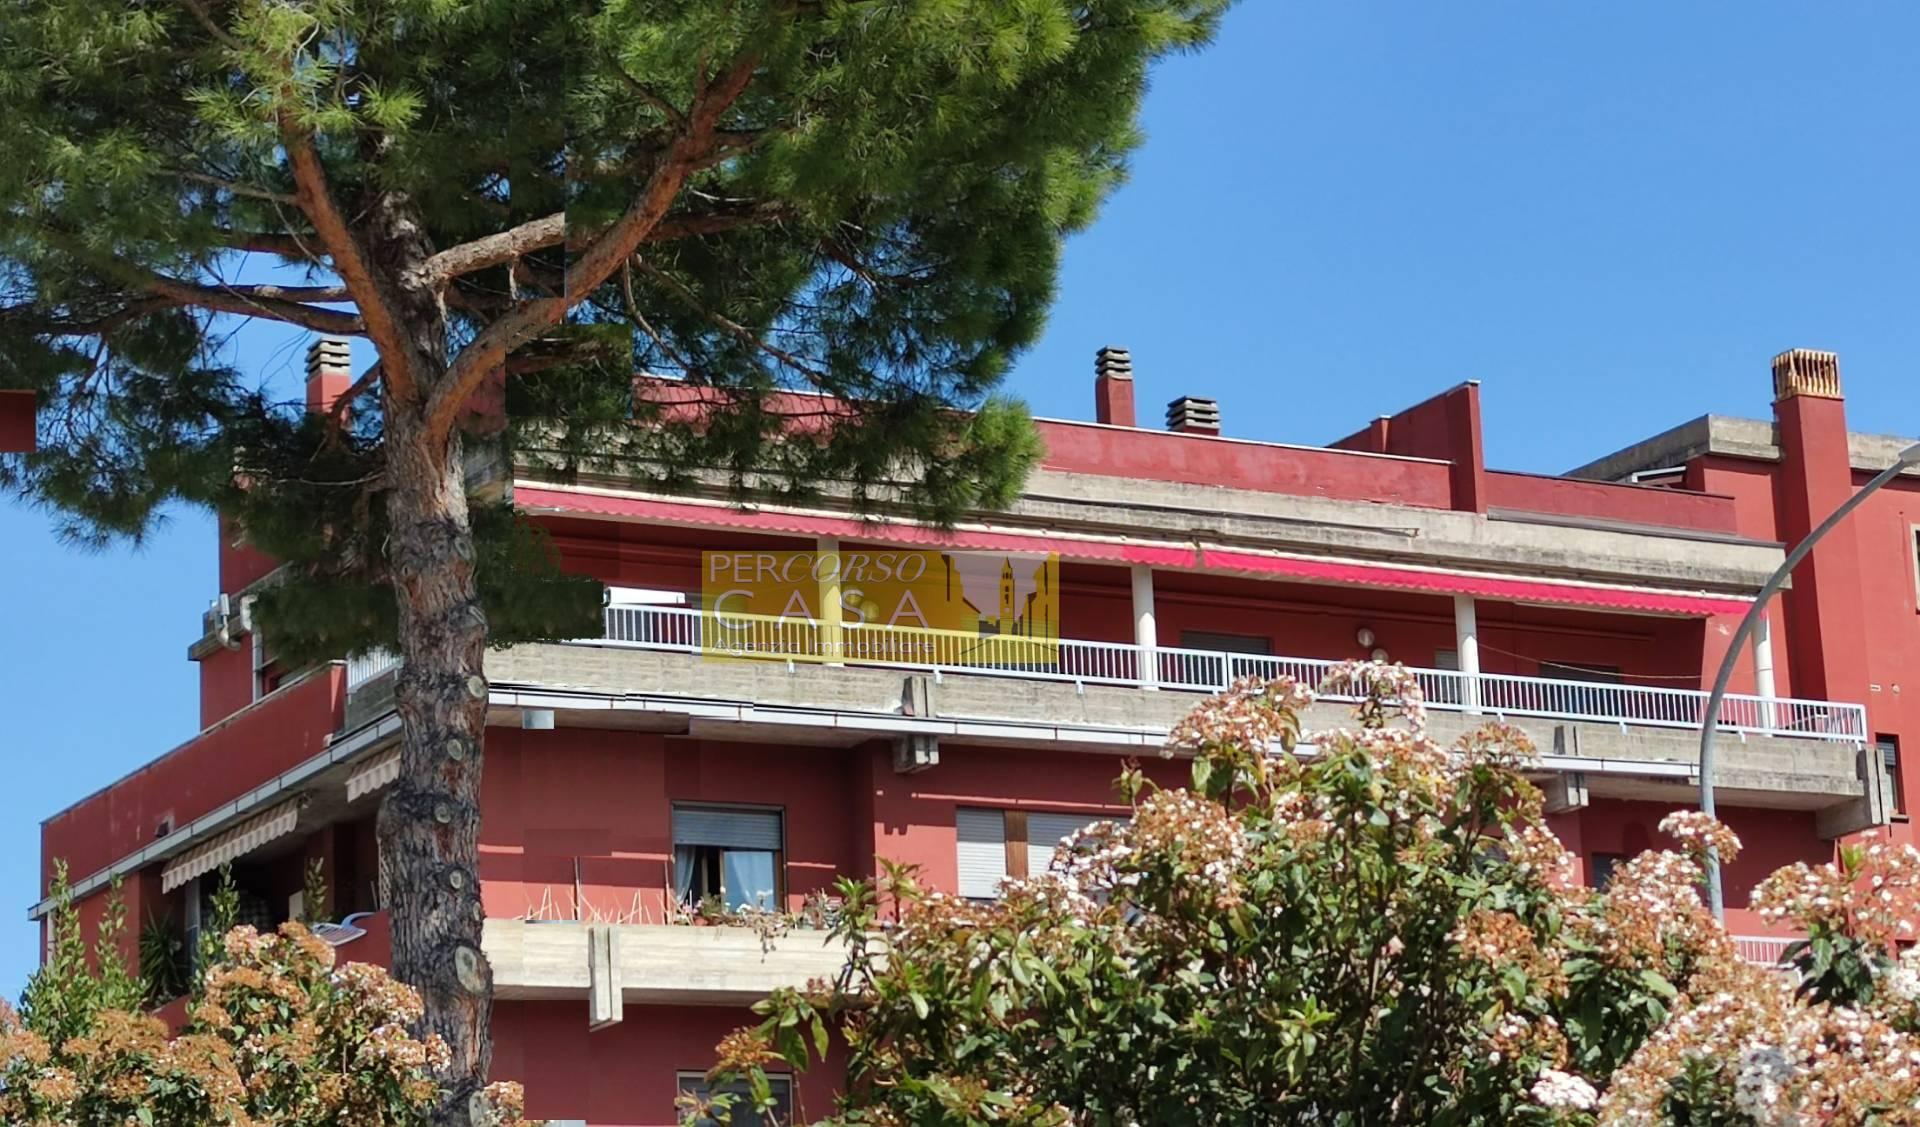 Attico / Mansarda in vendita a Teramo, 7 locali, zona centro, prezzo € 165.000 | PortaleAgenzieImmobiliari.it